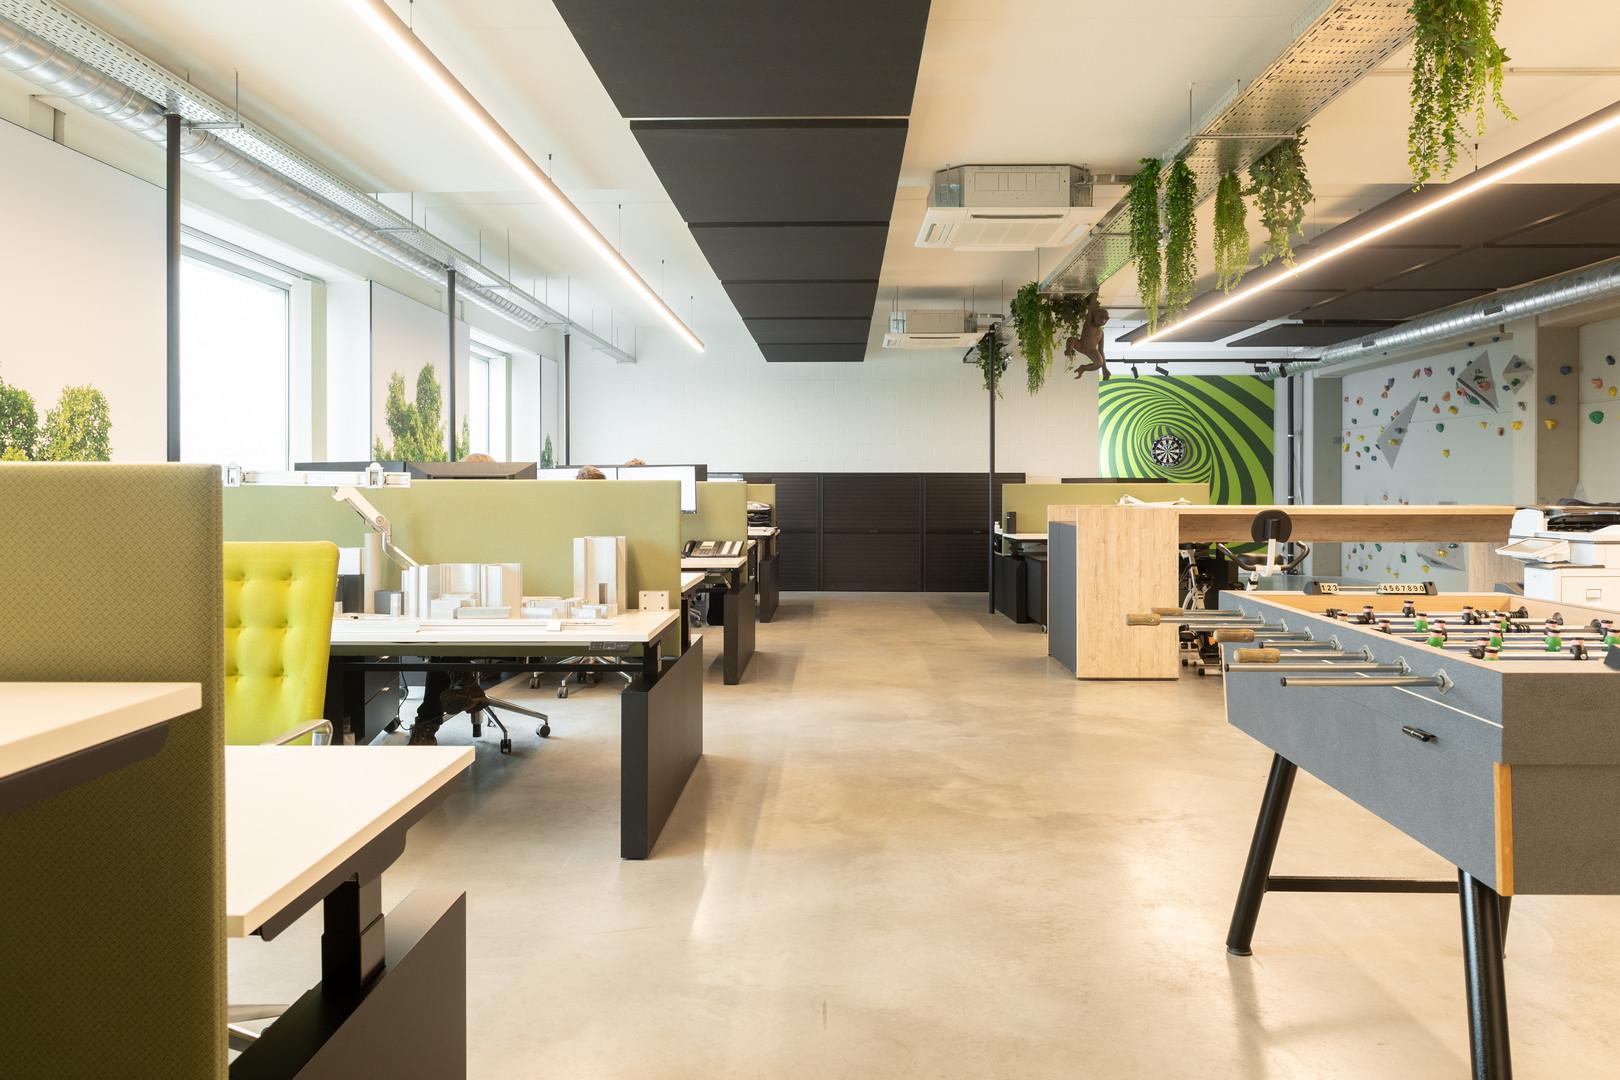 1 Wim Celis Office 19